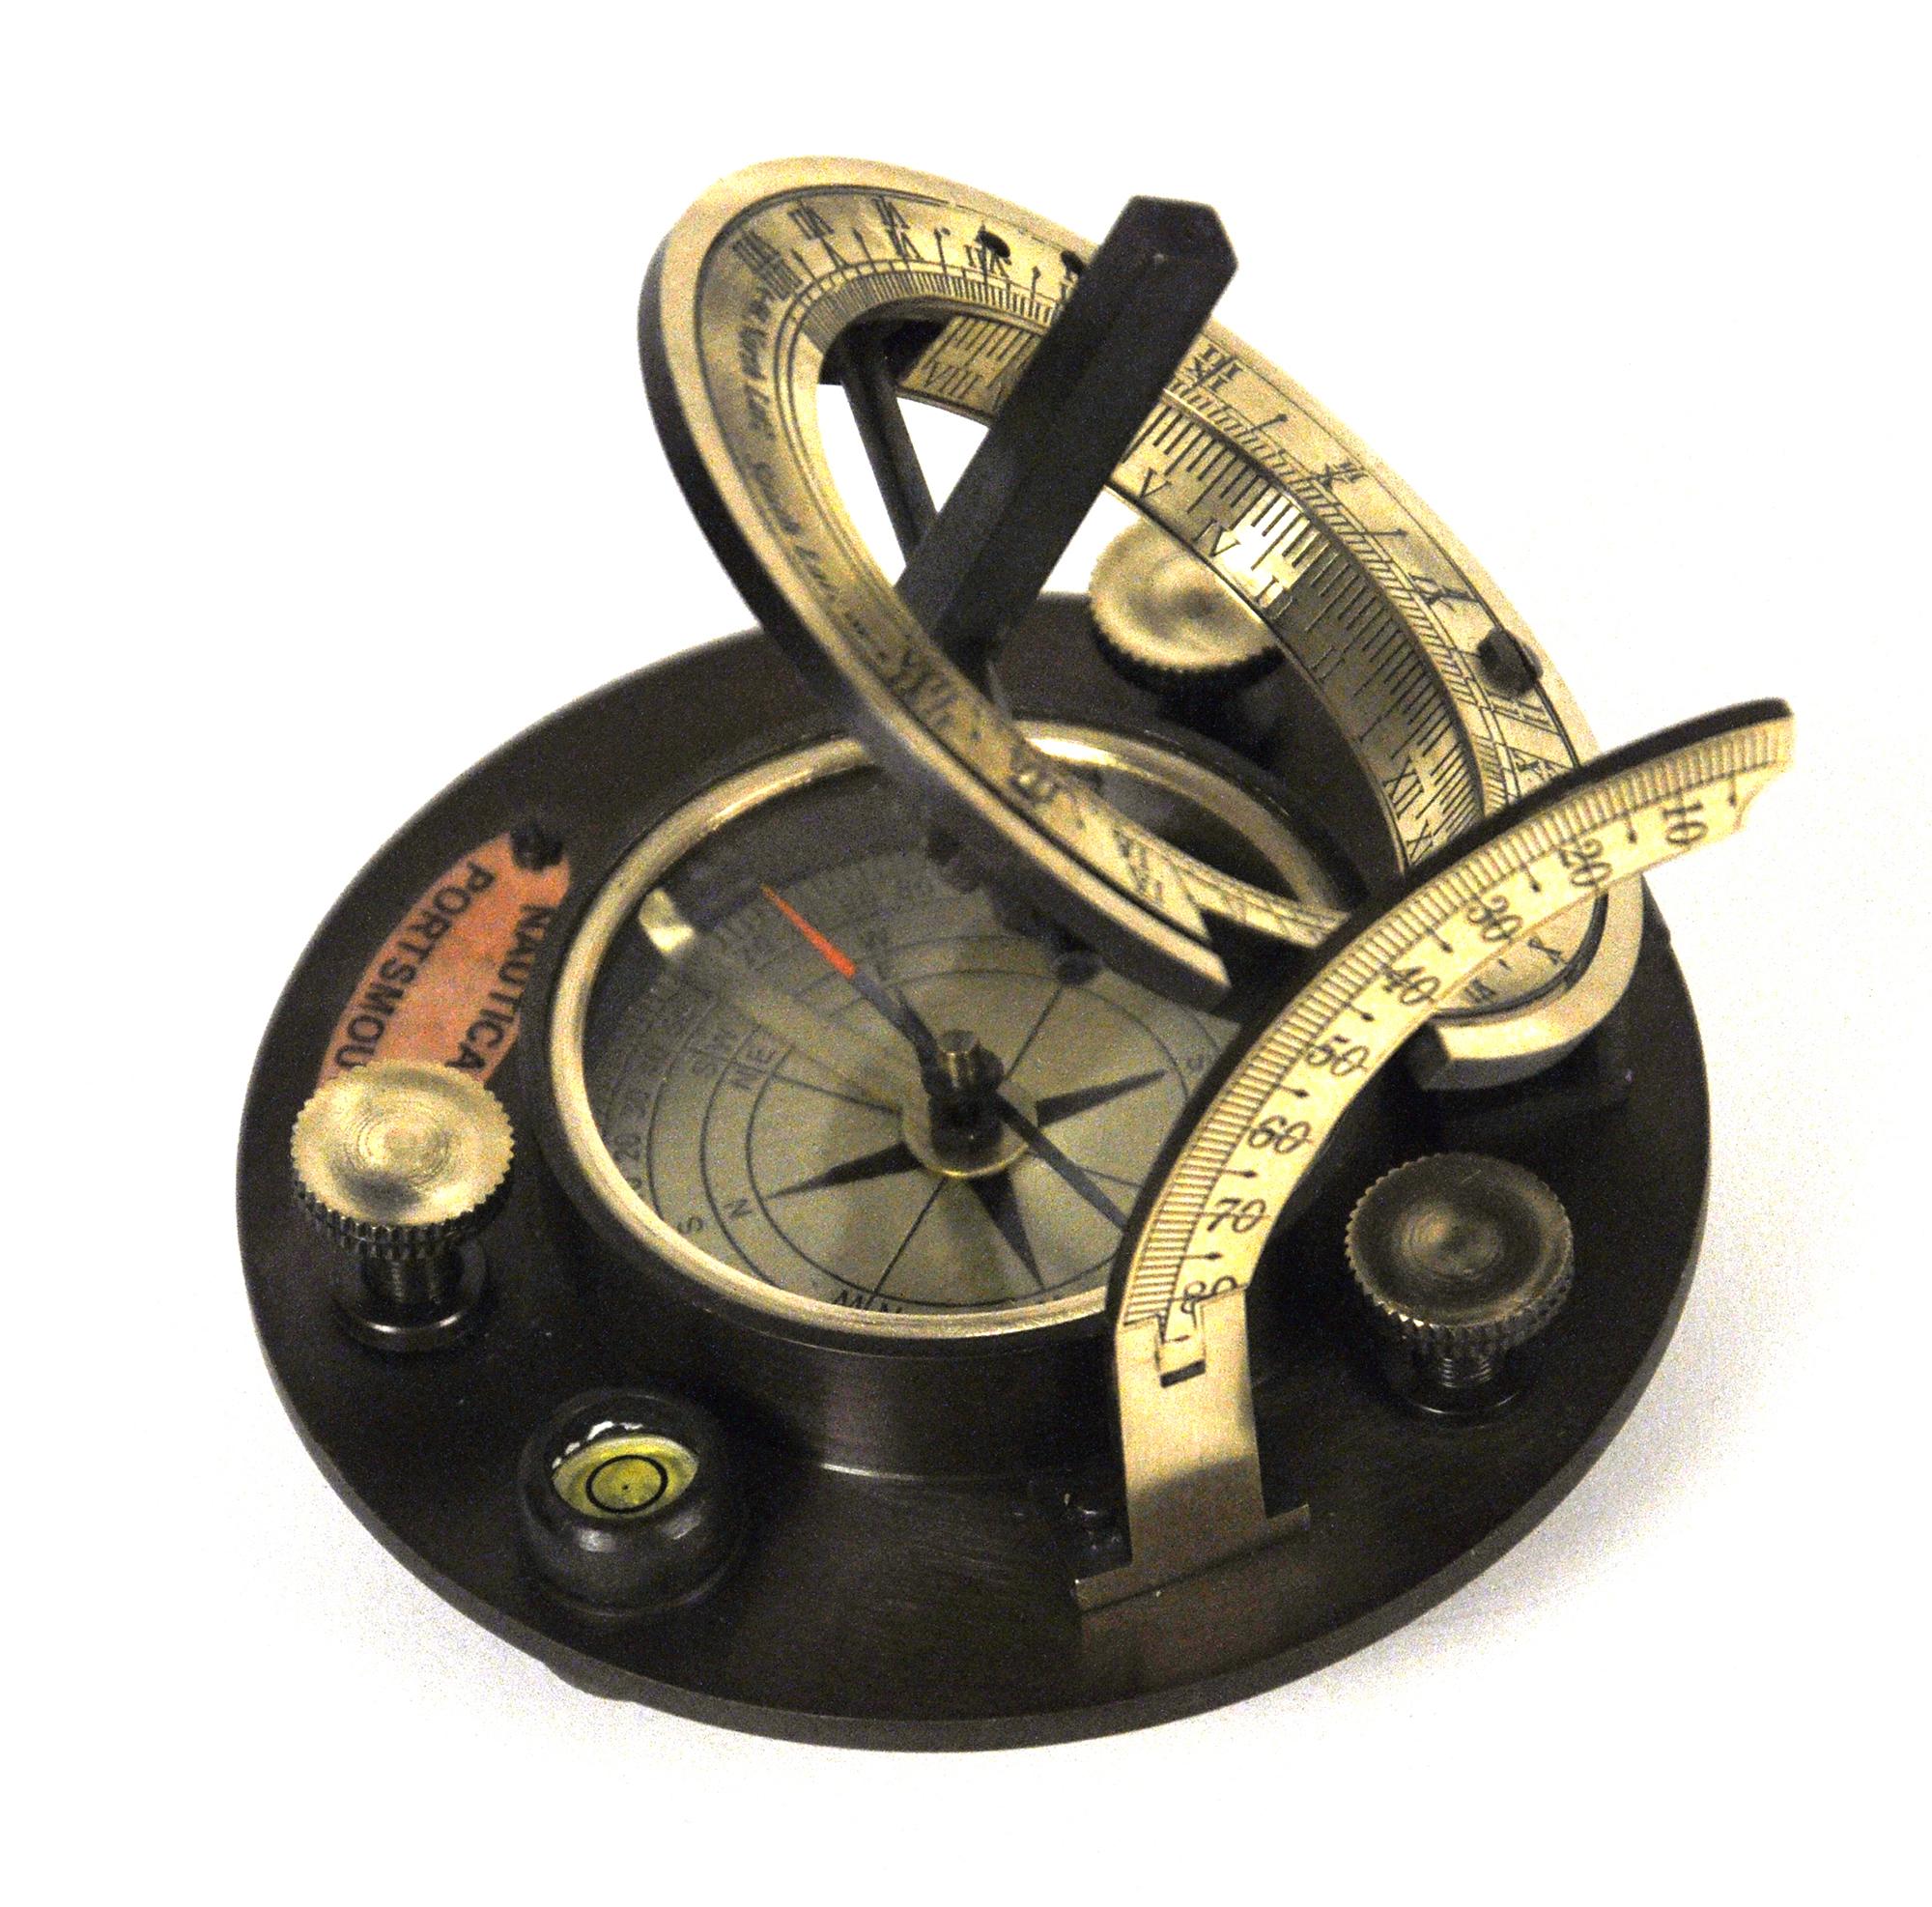 Schiffs sonnenuhr kompass die portsmouth sonnenuhr ebay for 11975 sunshine terrace